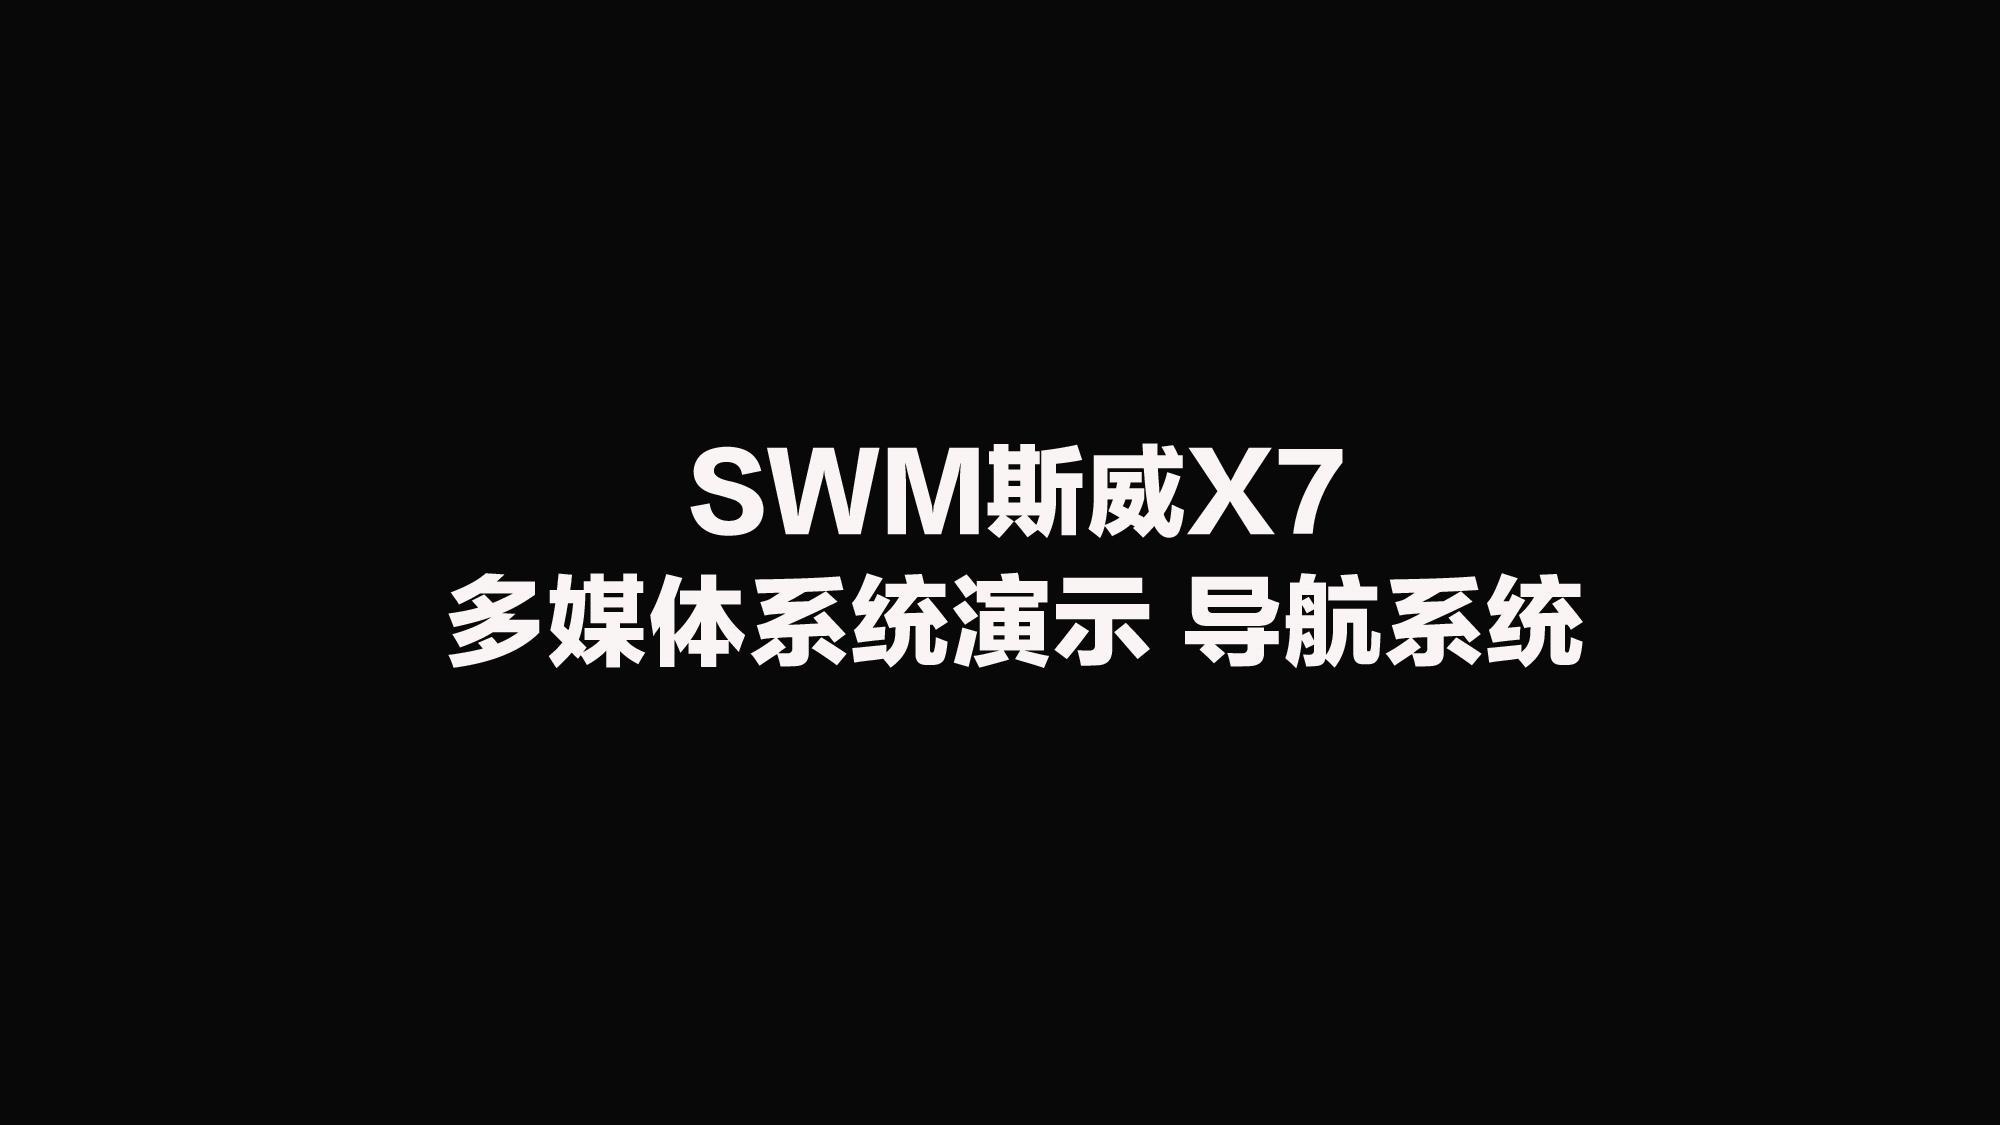 斯威X7导航功能演示